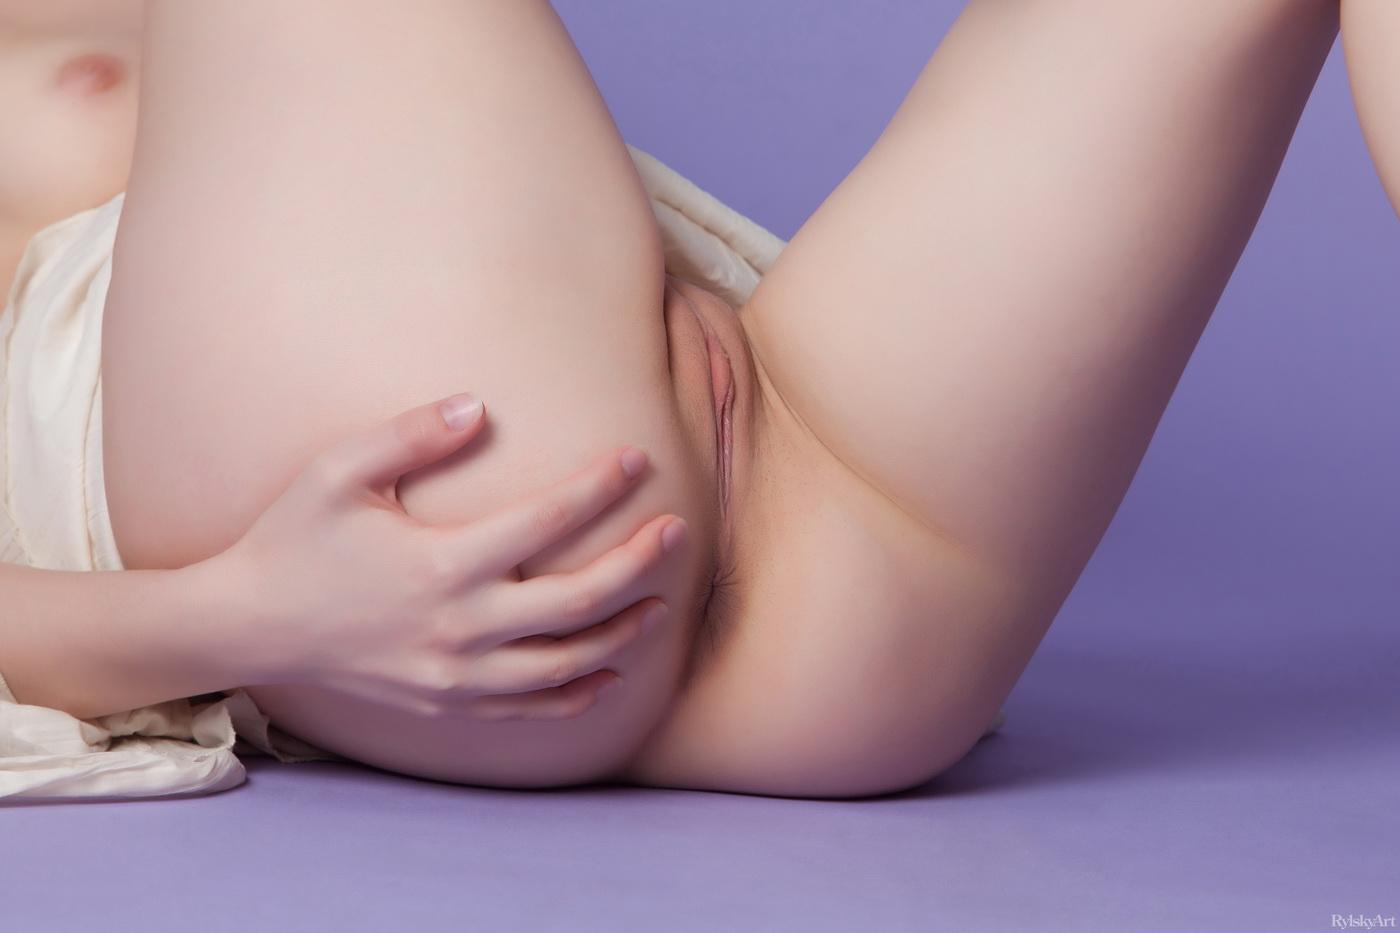 Порно мультик с длинноволосой рыжей